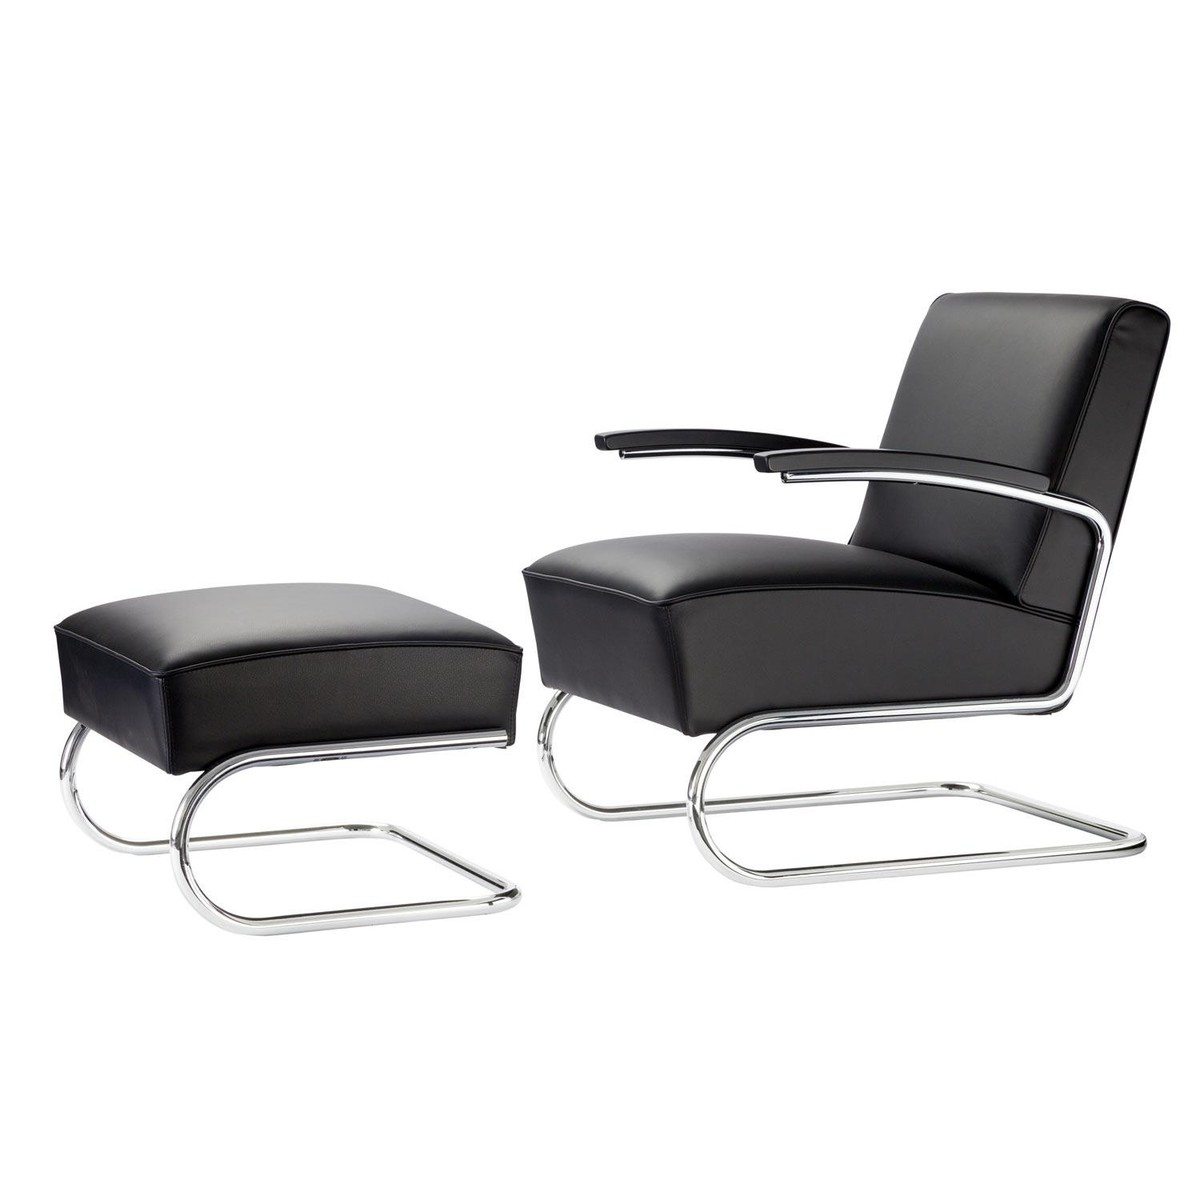 thonet s 411 sessel und hocker thonet sofa klassiker klassiker. Black Bedroom Furniture Sets. Home Design Ideas